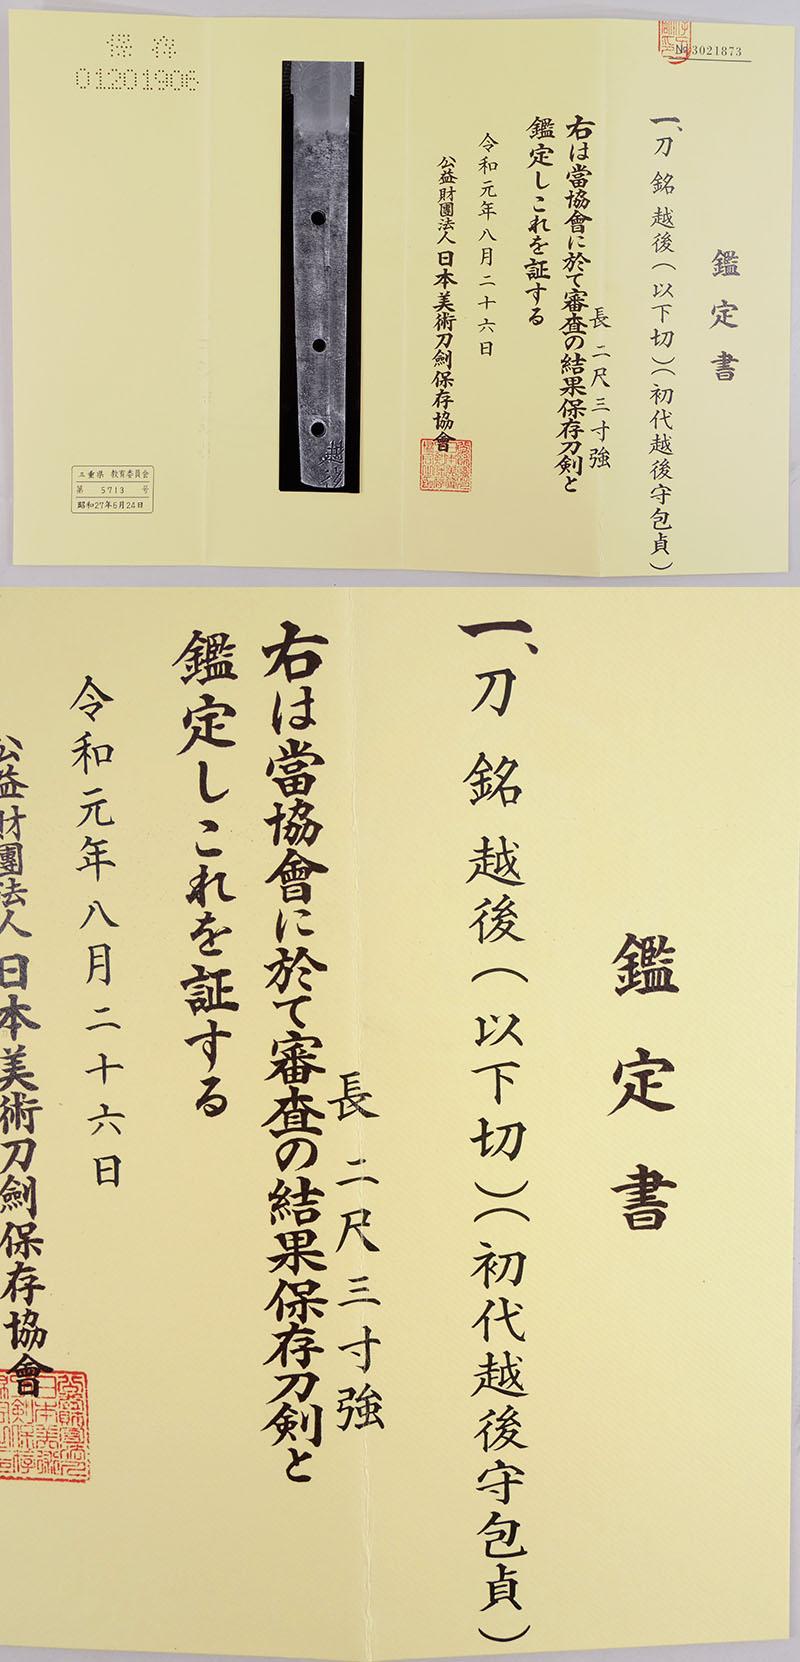 越後(以下切)(初代越後守包貞) Picture of Certificate